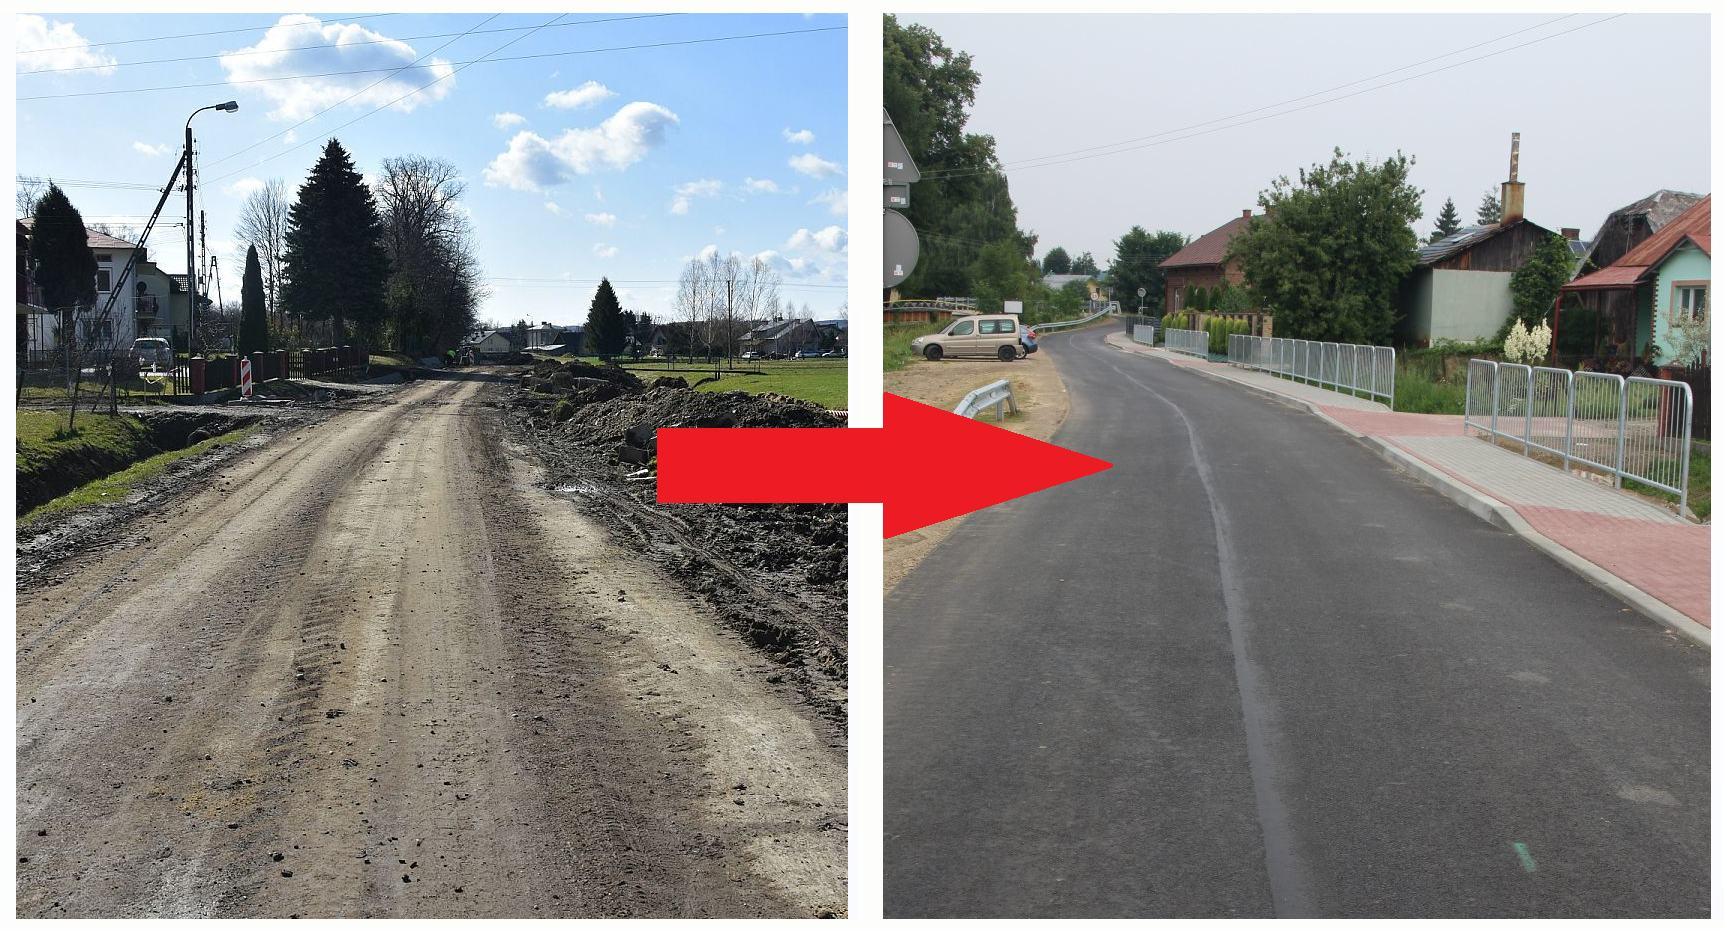 Obrazek przedstawiający drogę przed i po remoncie.